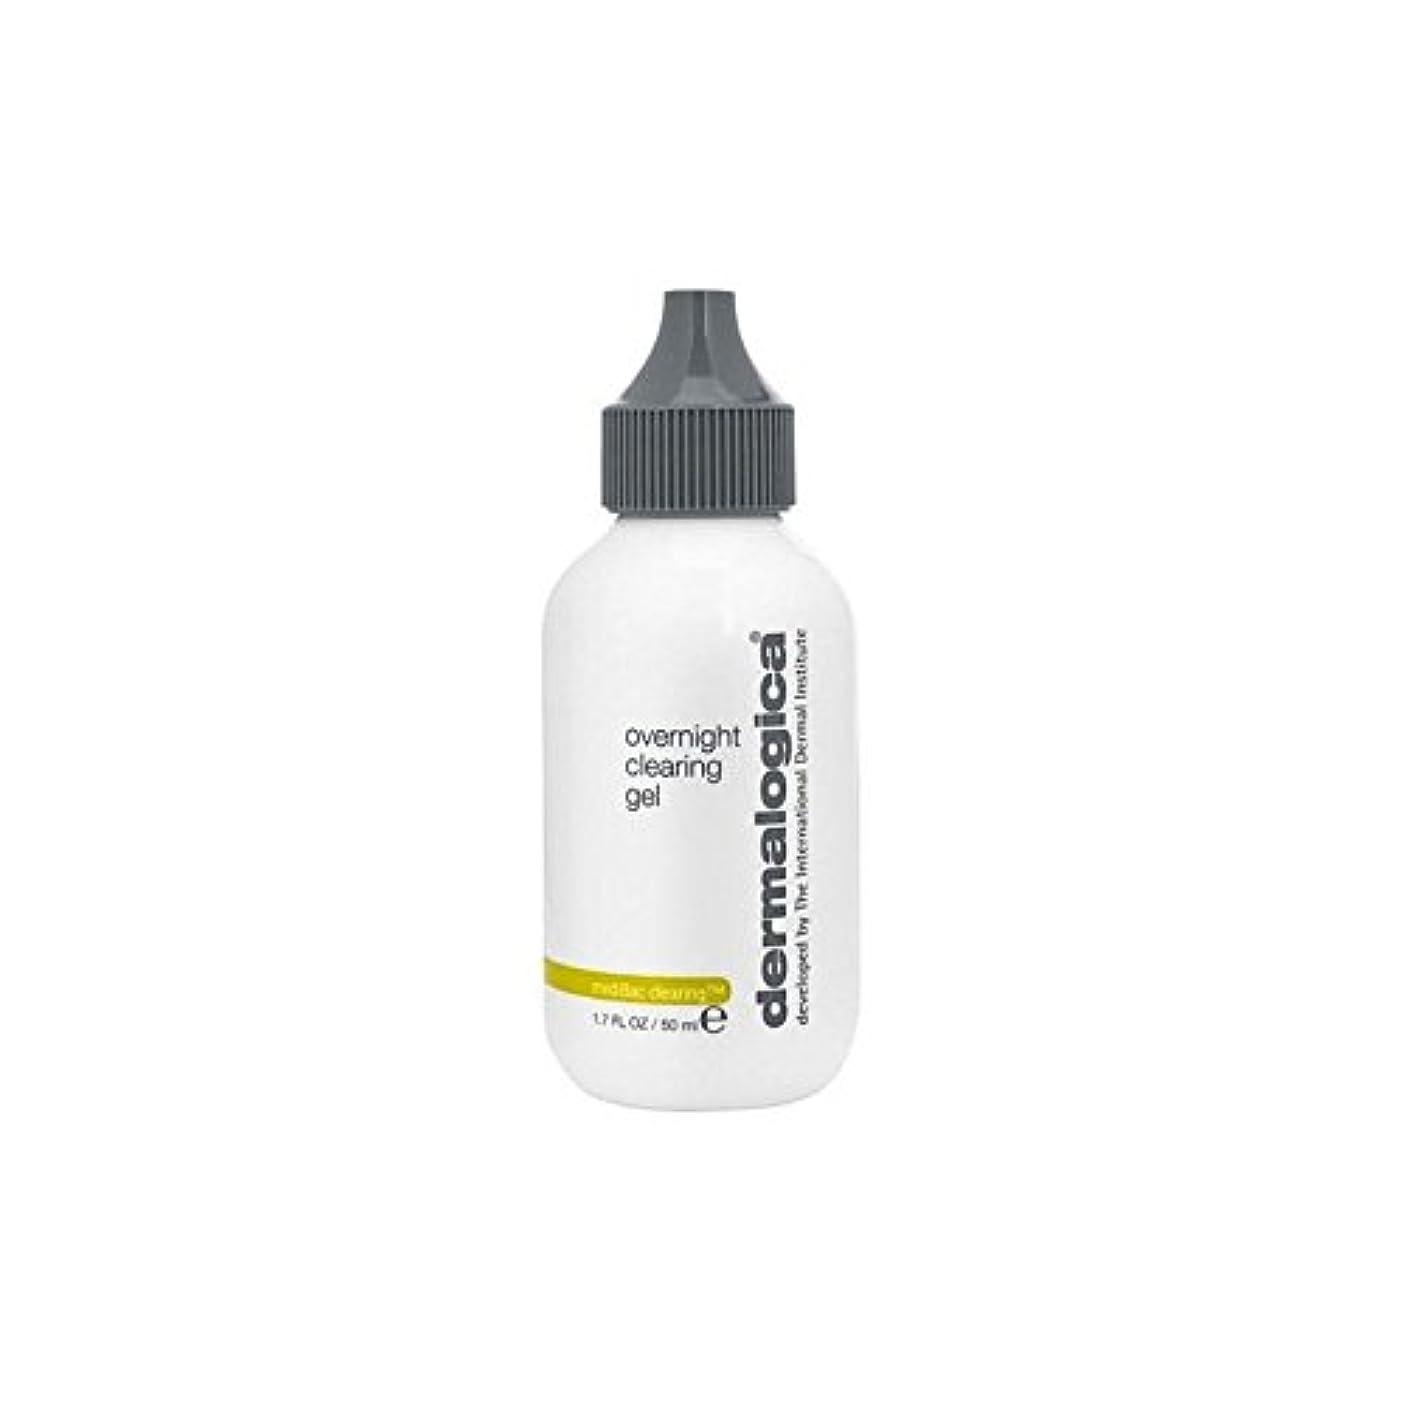 後継構成員接辞Dermalogica Medibac Overnight Clearing Gel (50ml) (Pack of 6) - ダーマロジカ一晩透明ゲル(50)中 x6 [並行輸入品]